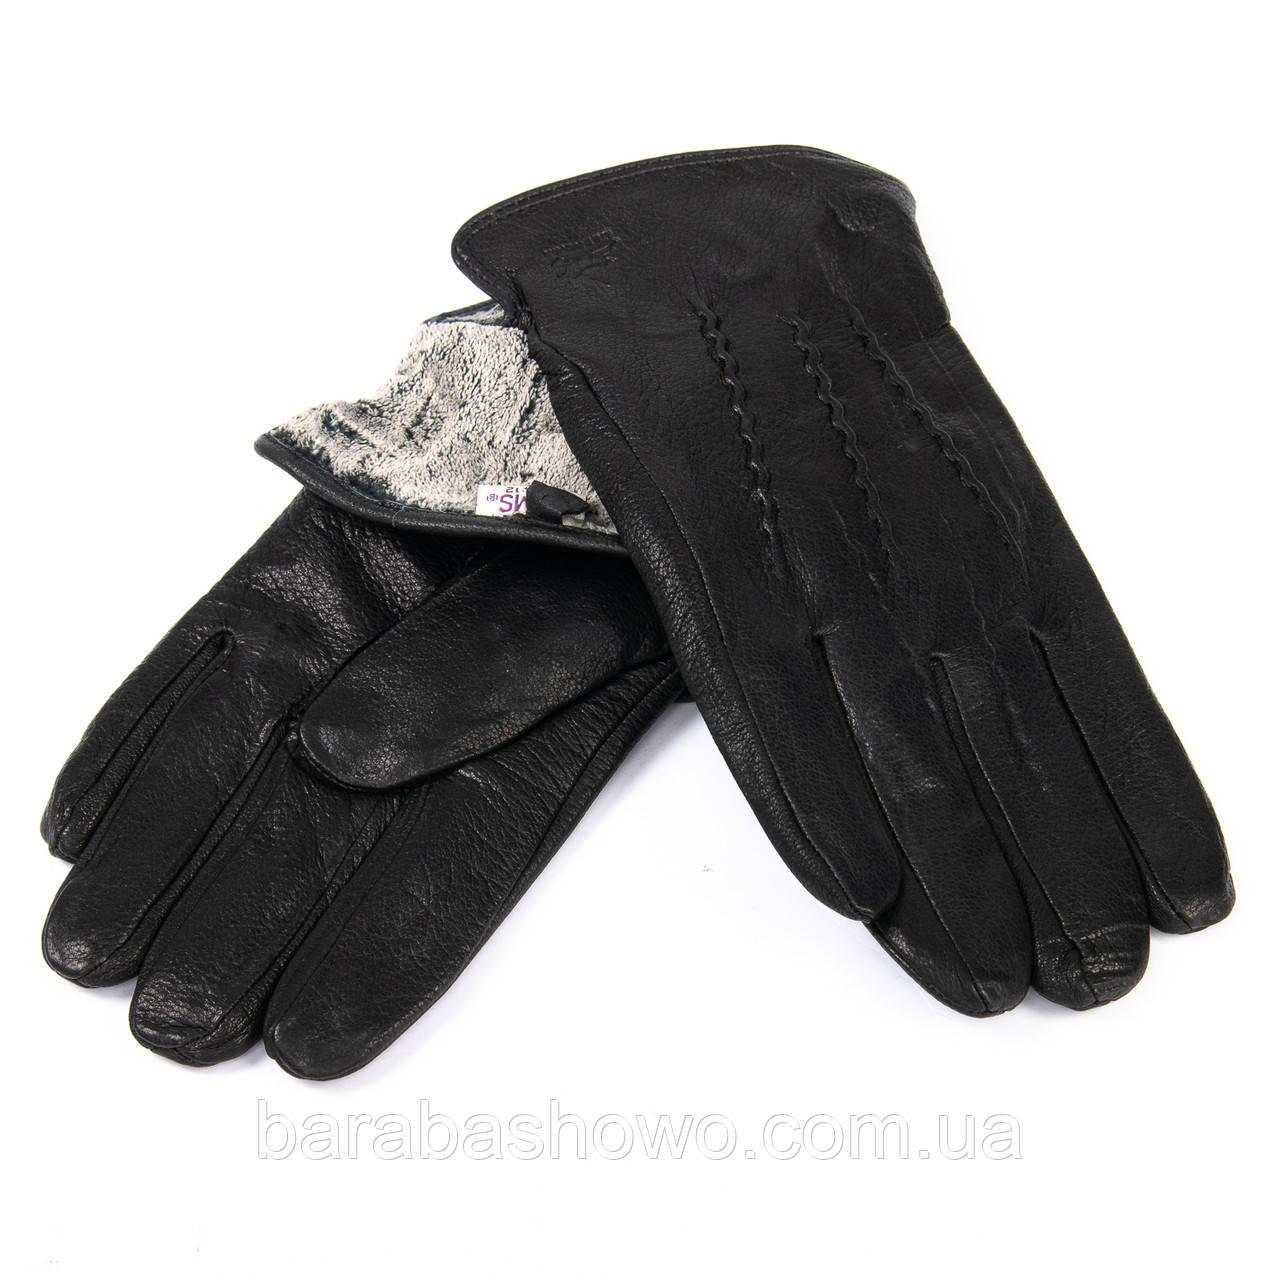 Мужские перчатки, кожа - олень. черные. Подкладка махра. MOD 4